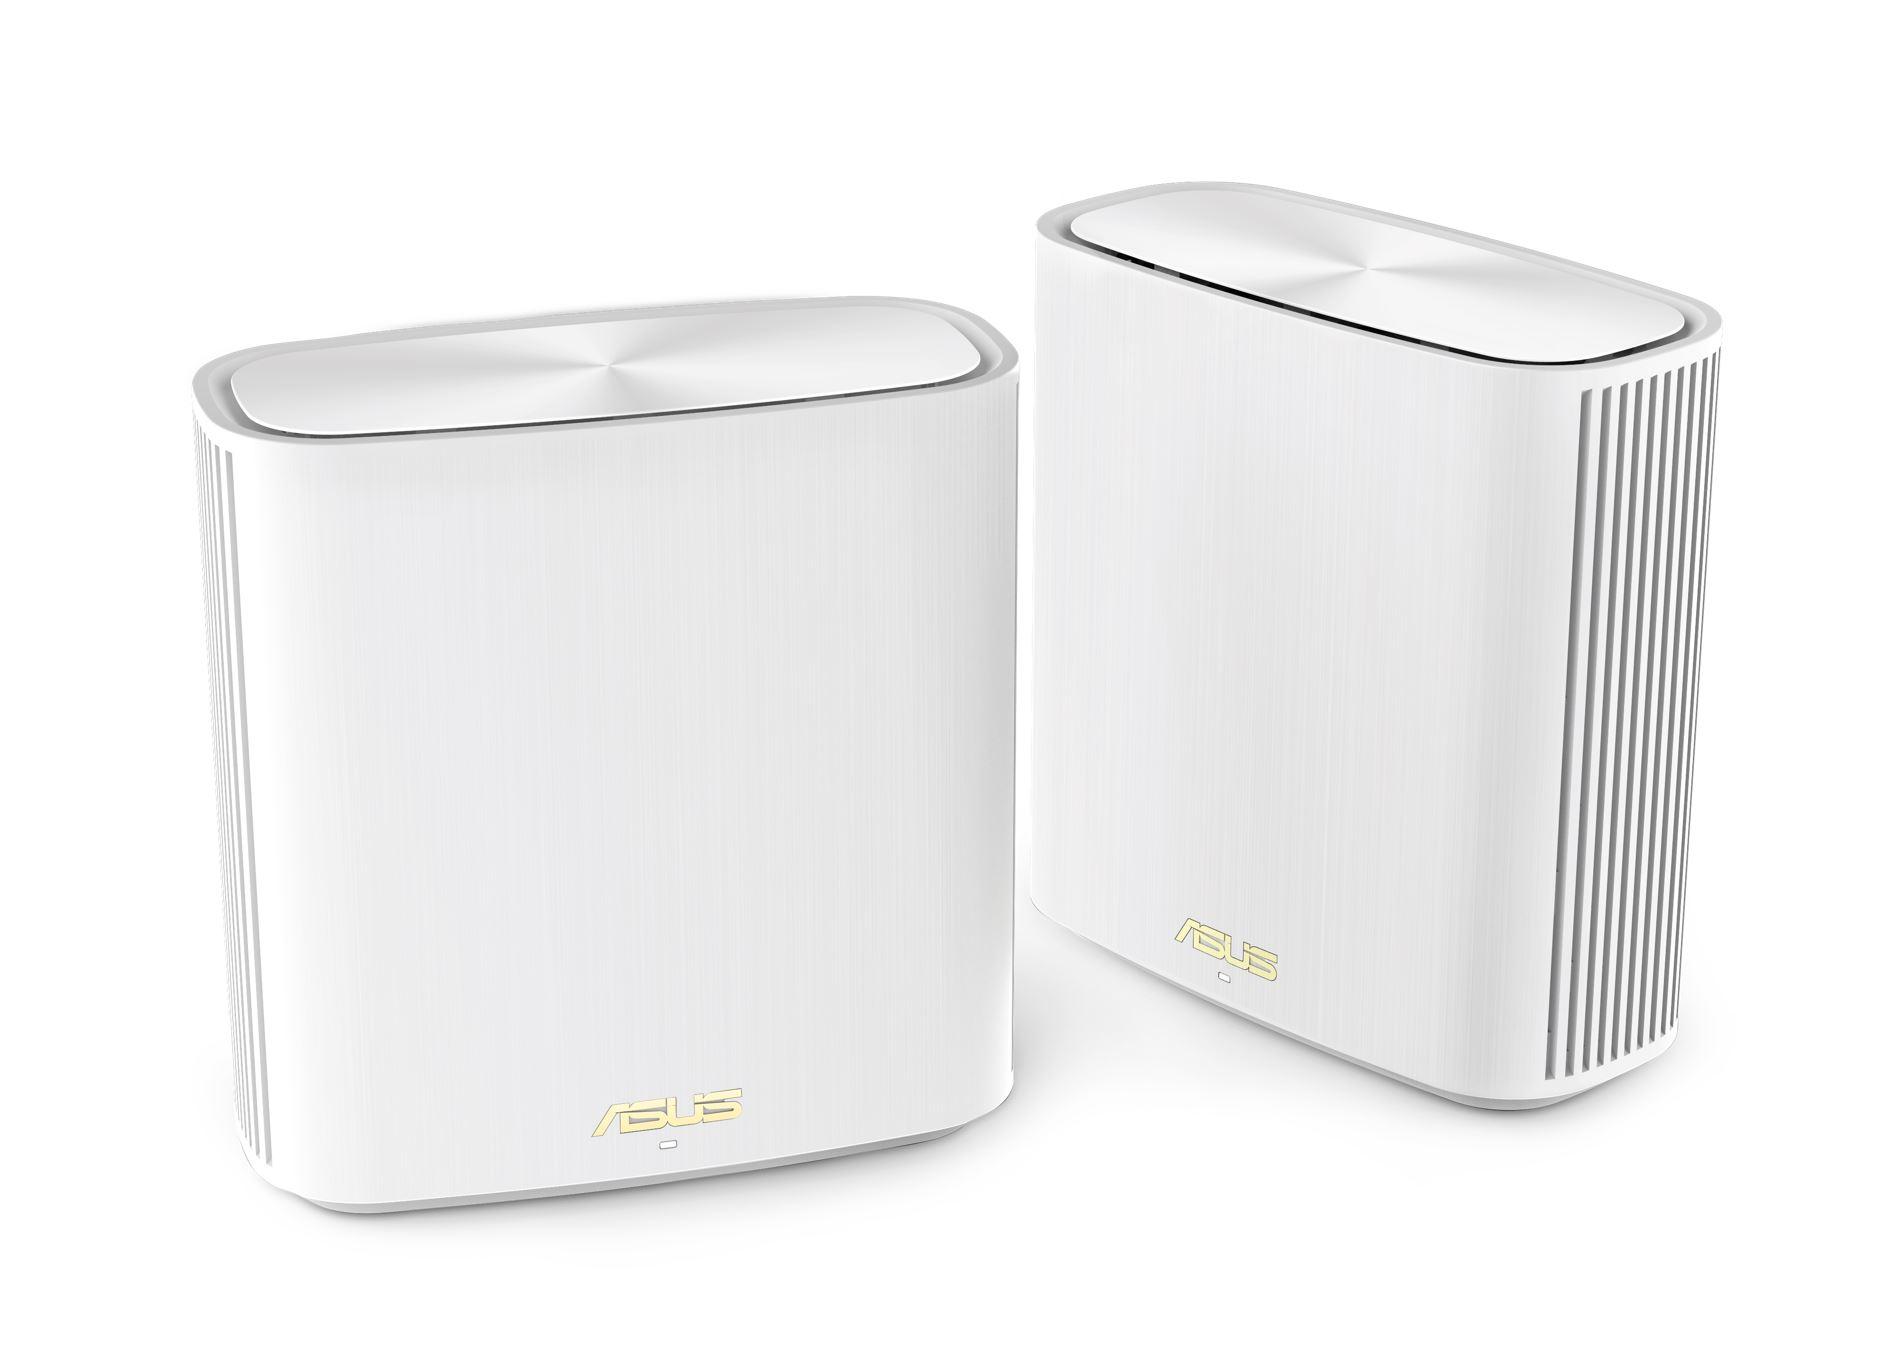 Il router Zen Wifi di Asus per una connessione ultraveloce e sicura